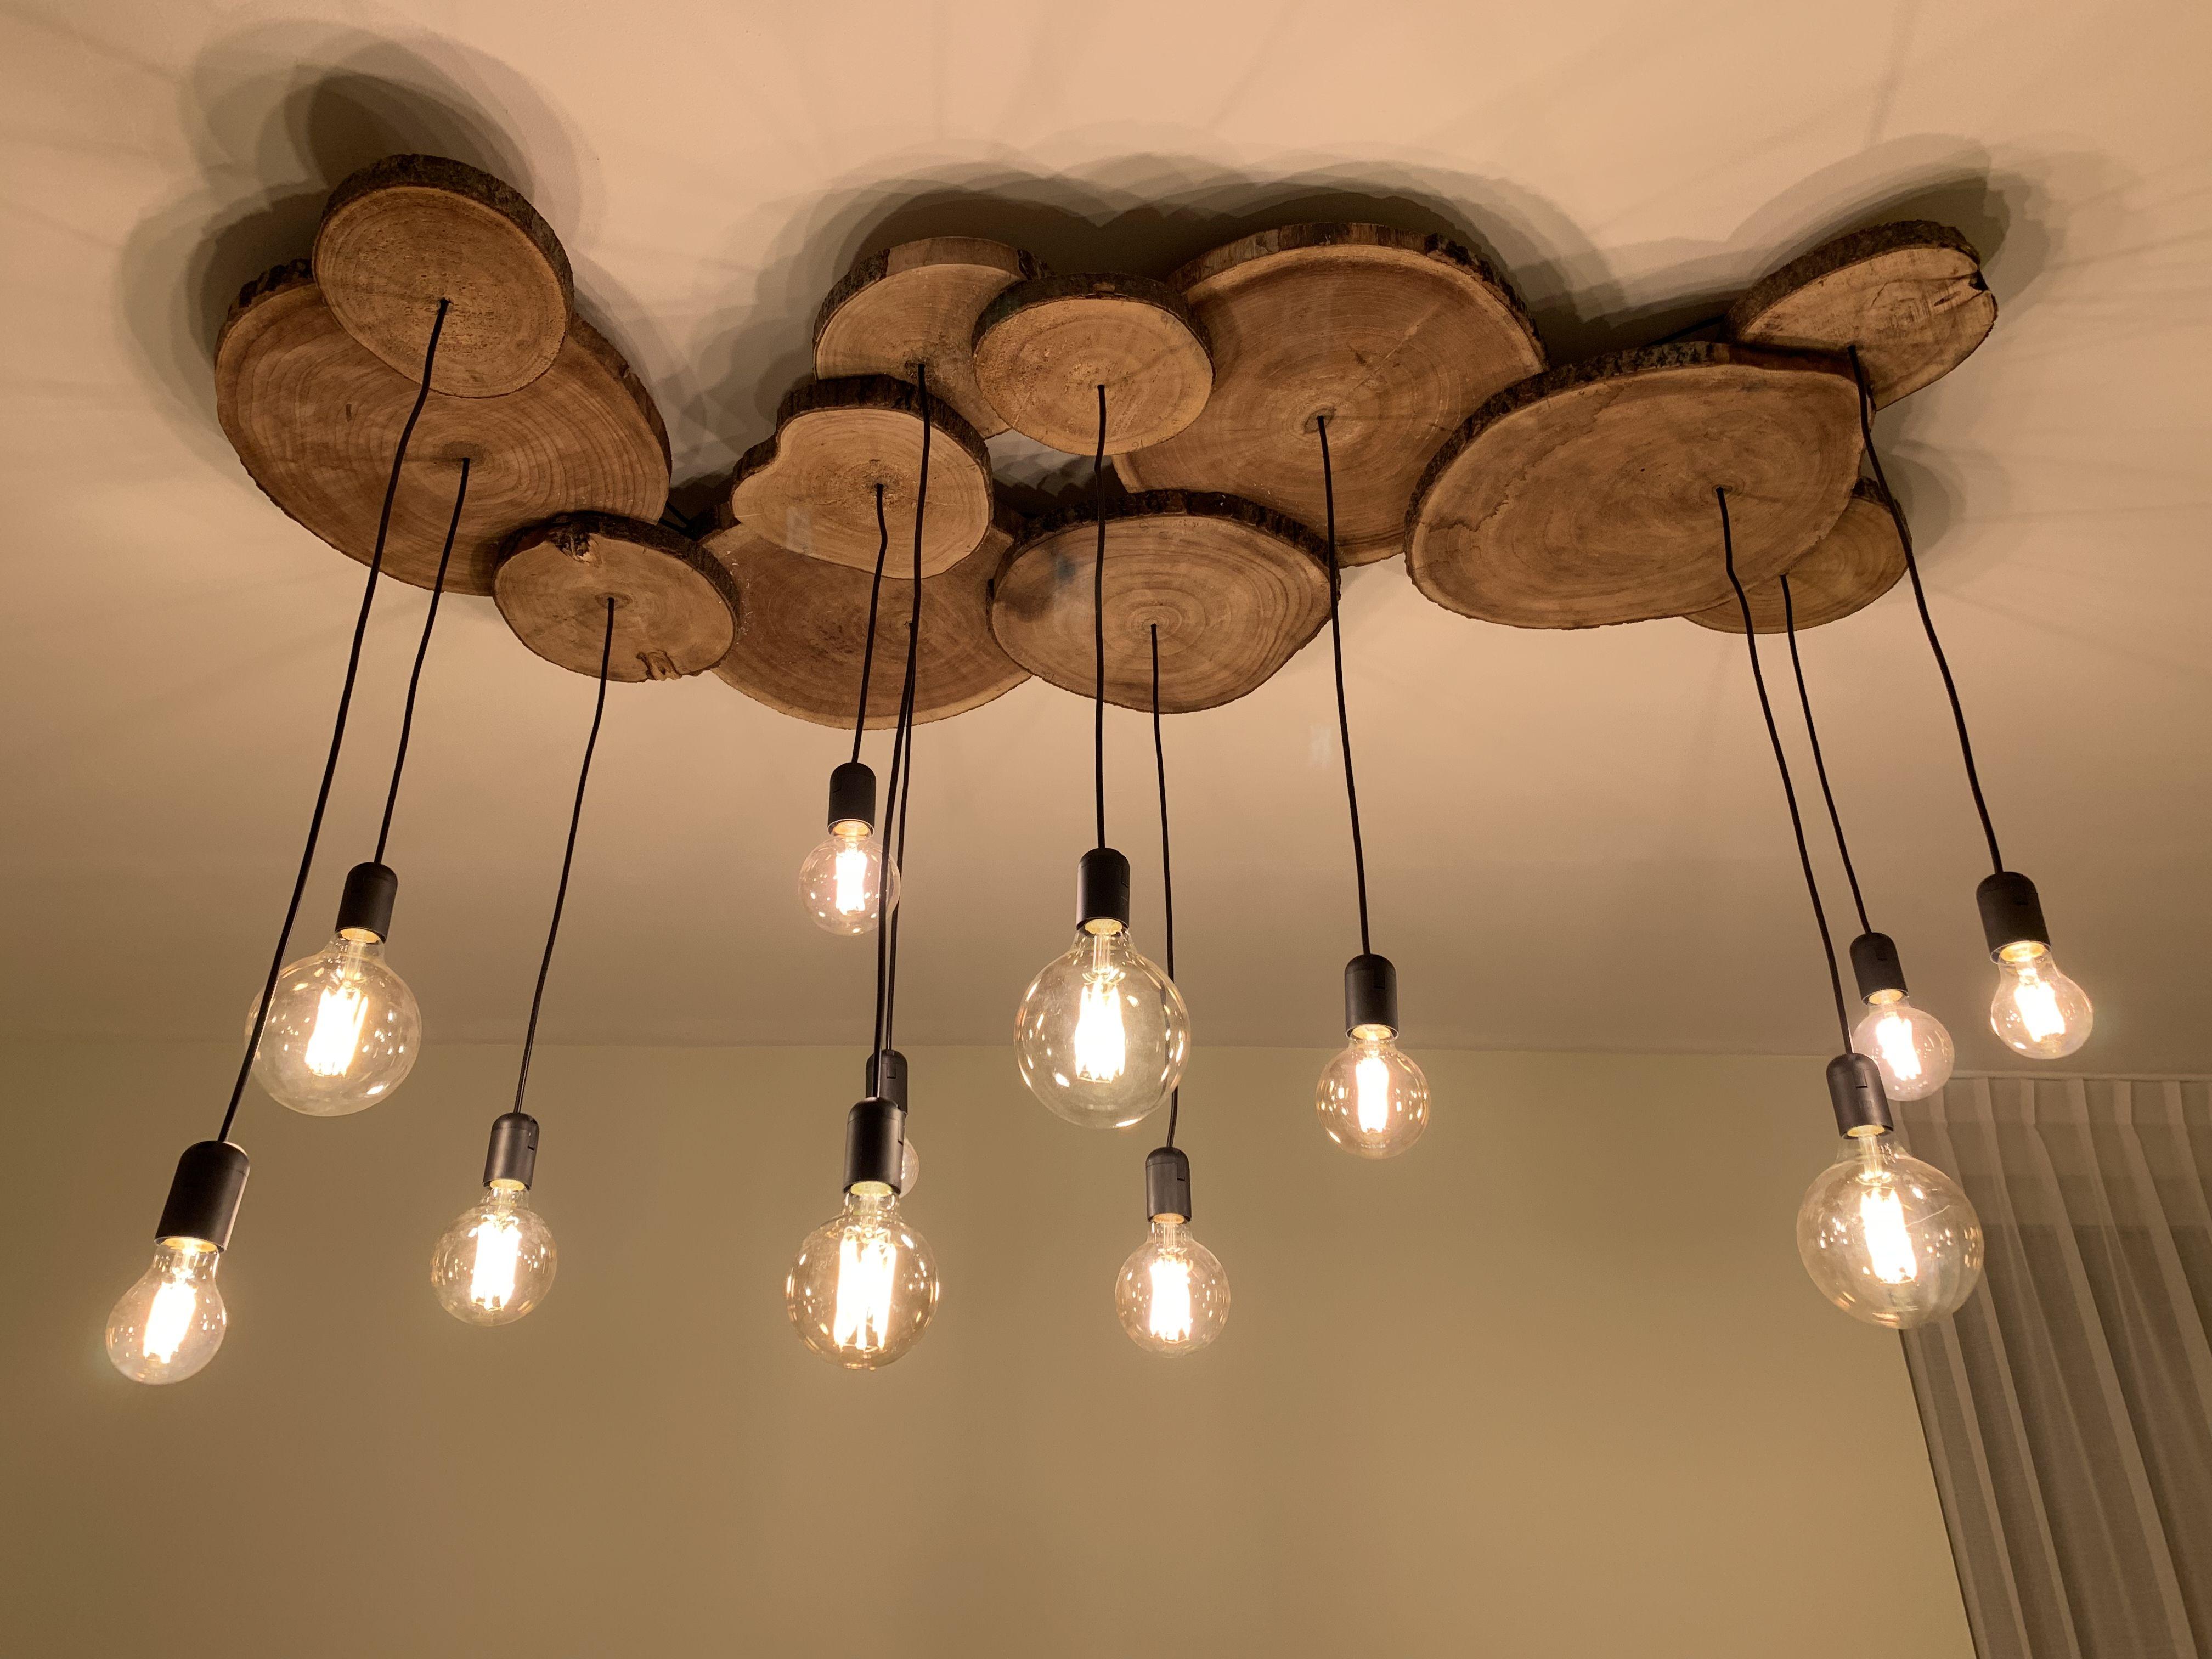 Photo of Dineren, wonen, bar, verlichting